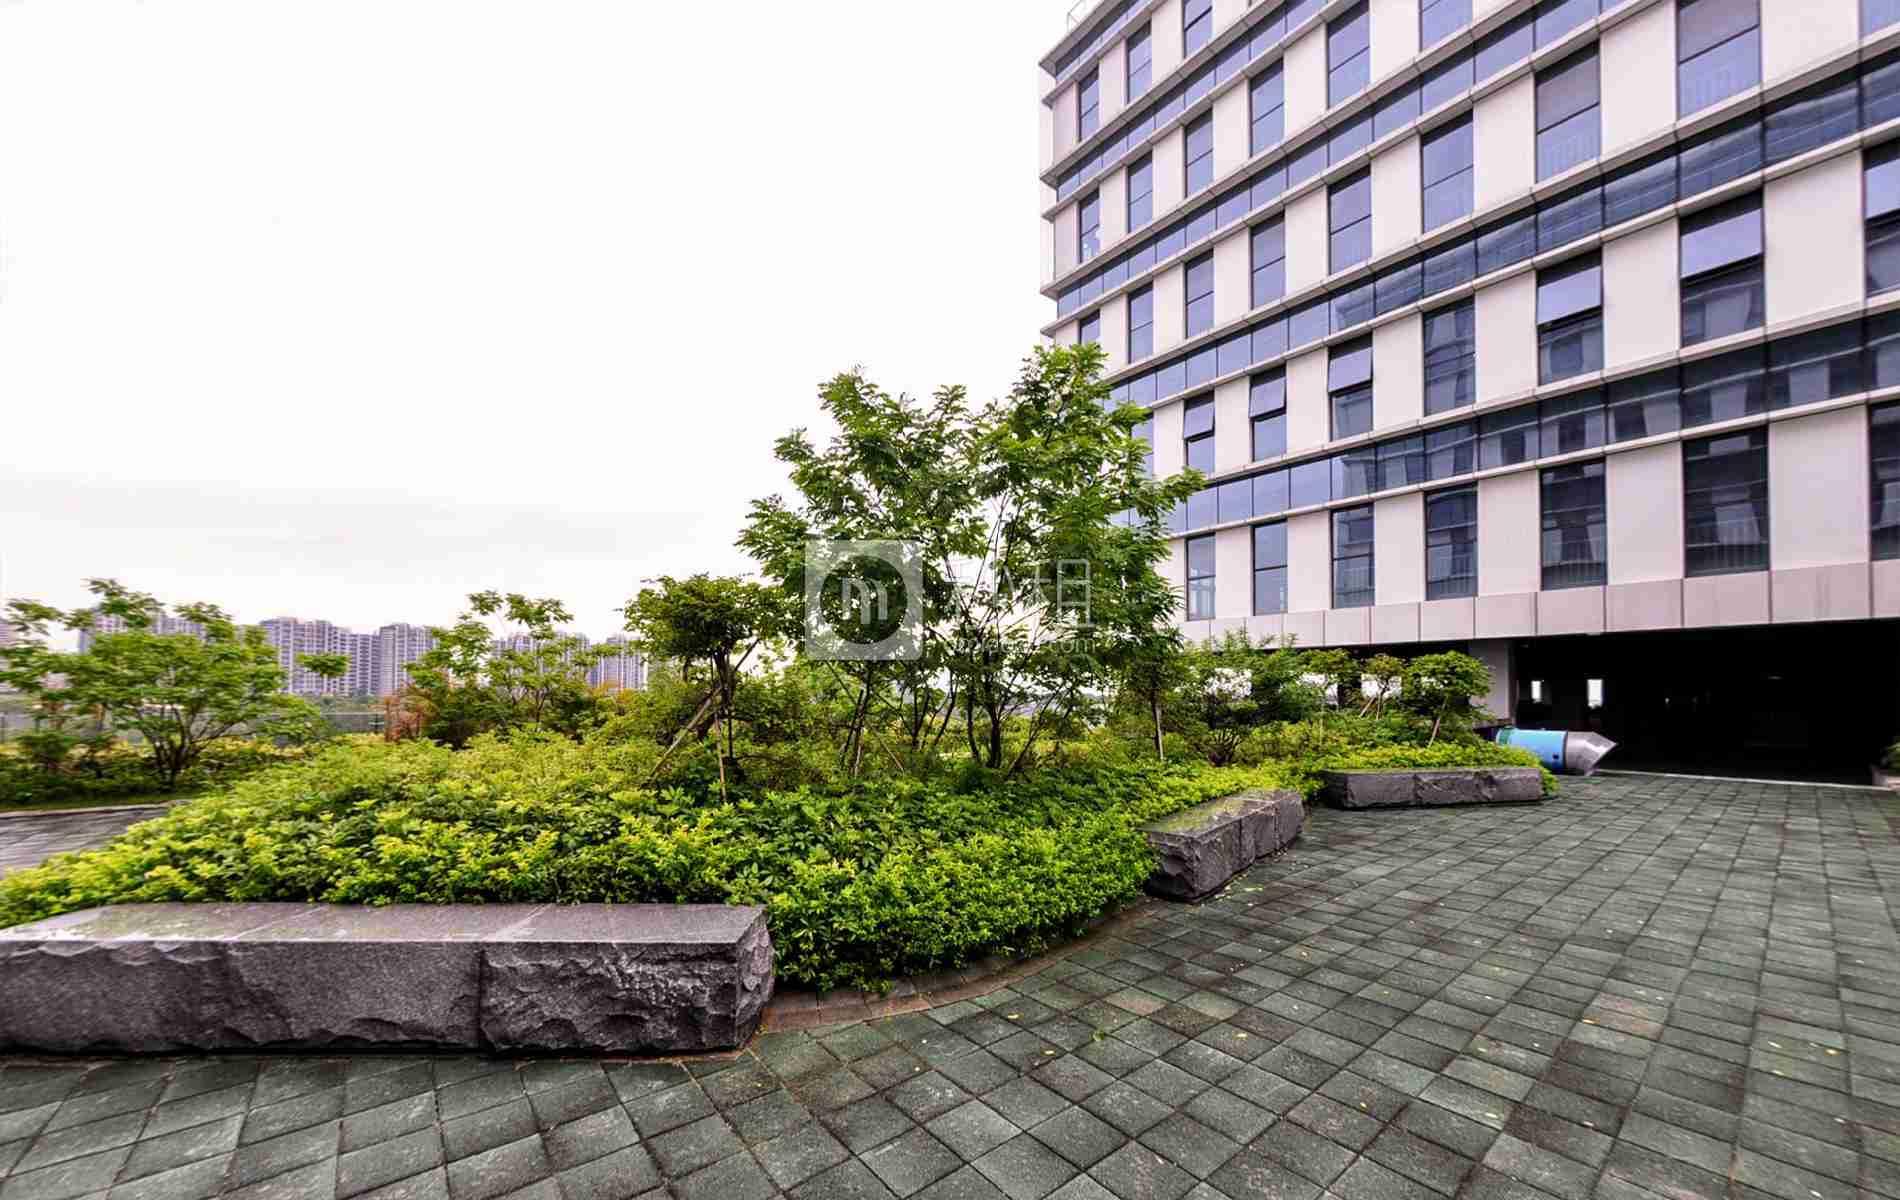 深圳湾科技生态园(一期)写字楼出租/招租/租赁,深圳湾科技生态园(一期)办公室出租/招租/租赁